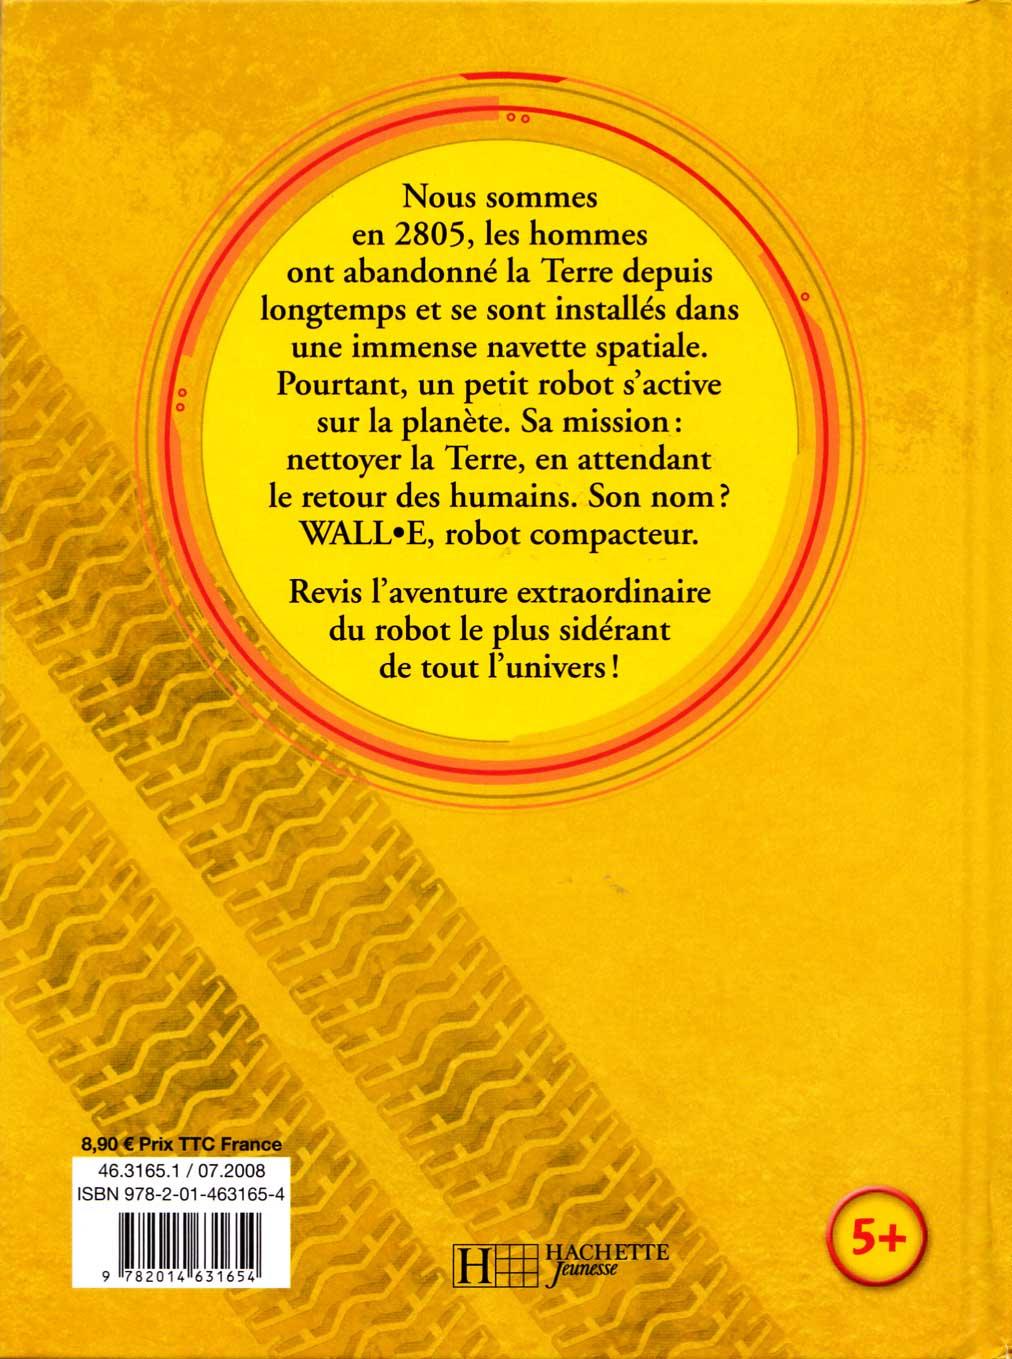 Wall-E (livre pour enfant Hachette 2008) Couverture Dos